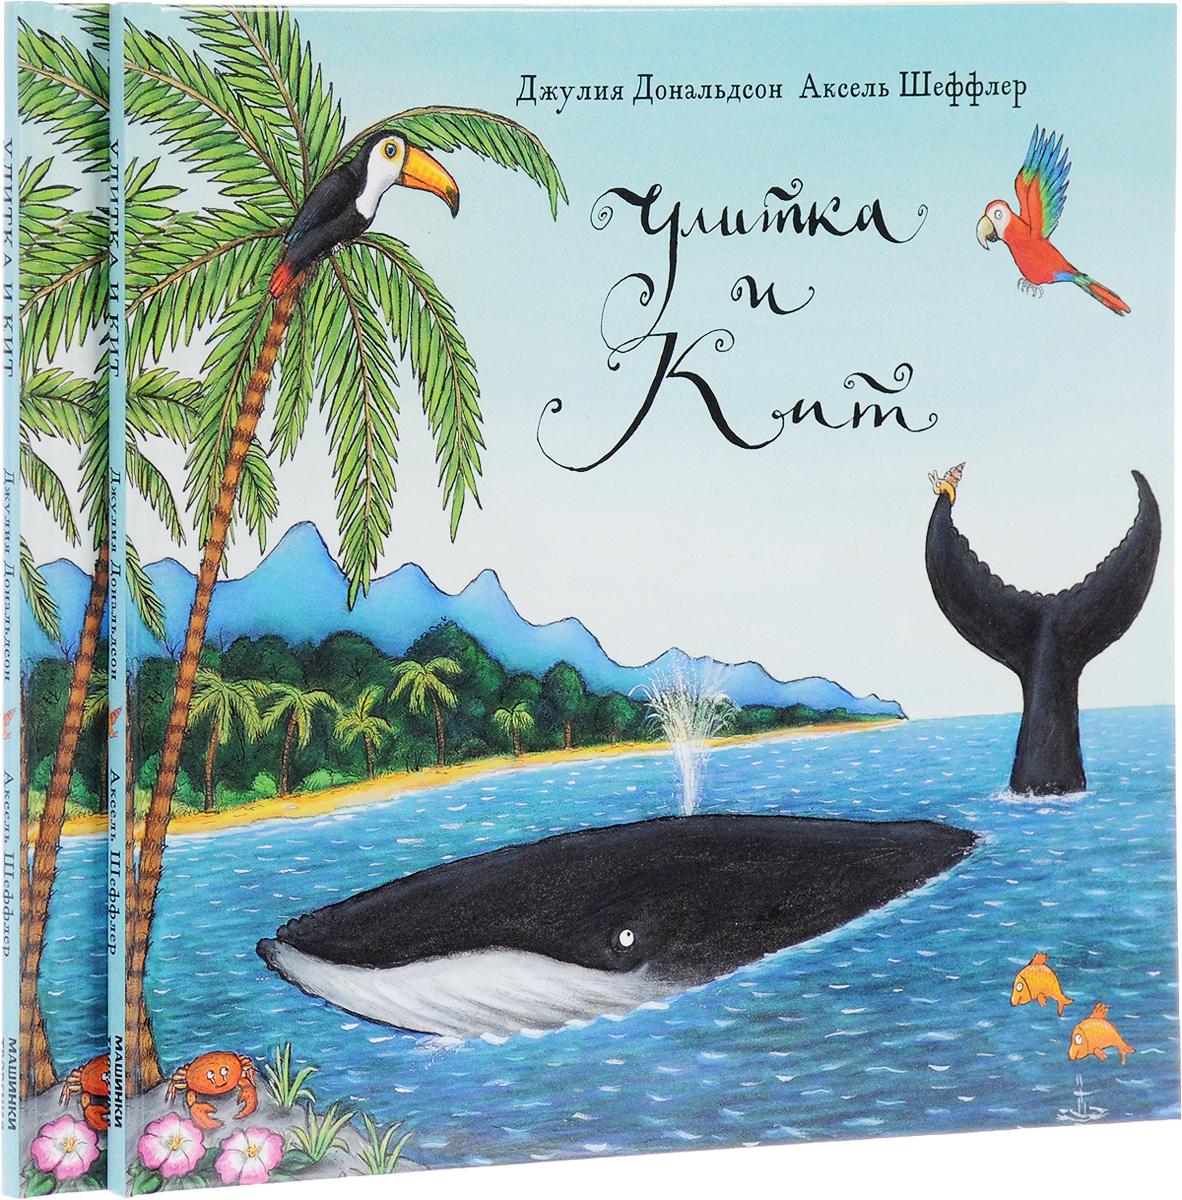 Джулия Дональдсон Улитка и кит (комплект из 2 книг) улитка где можно в волгограде цена